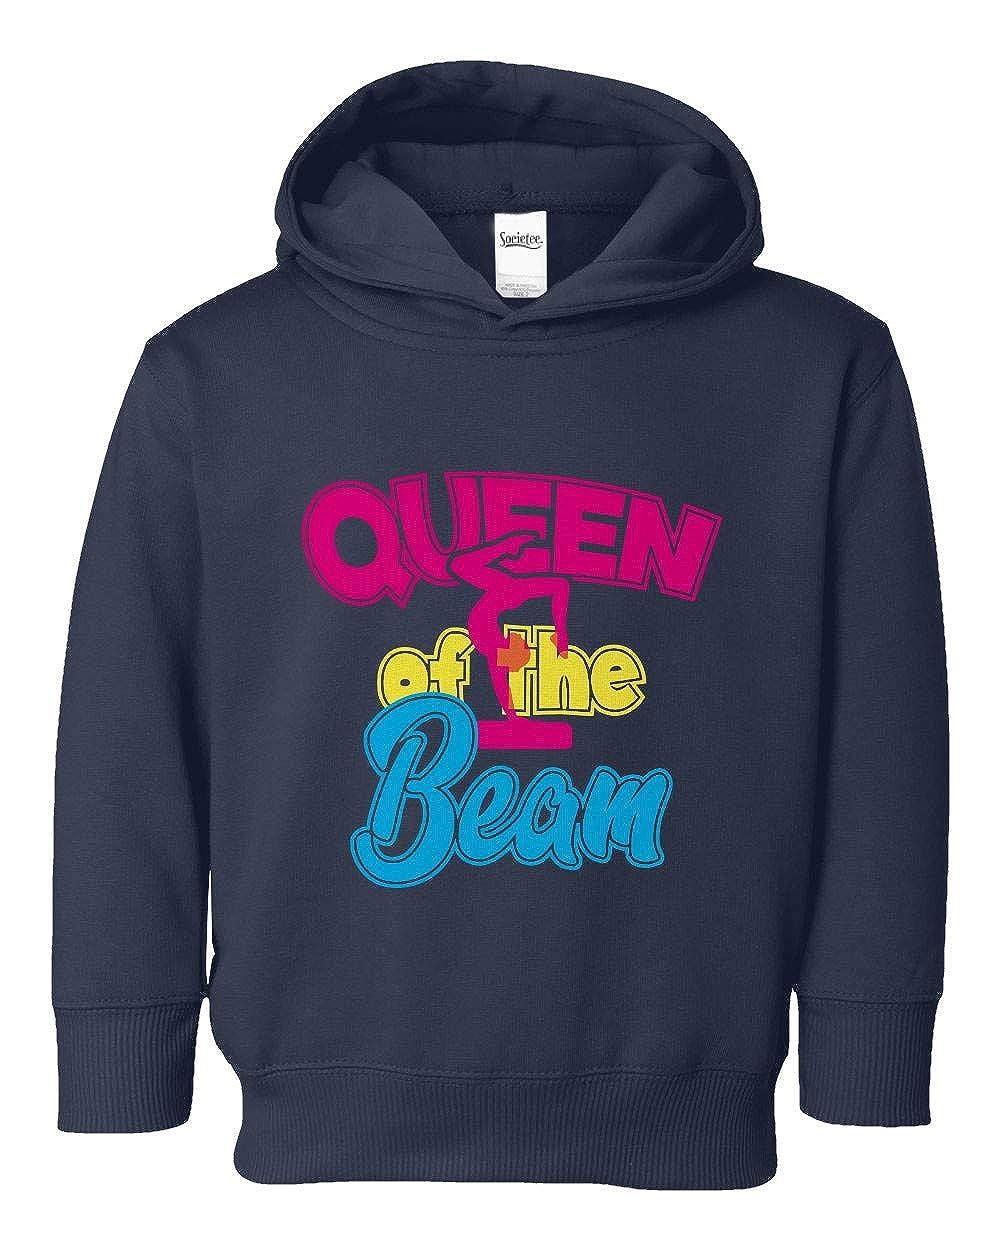 Societee Queen of The Beam Cool Girls Toddler Hooded Sweatshirt